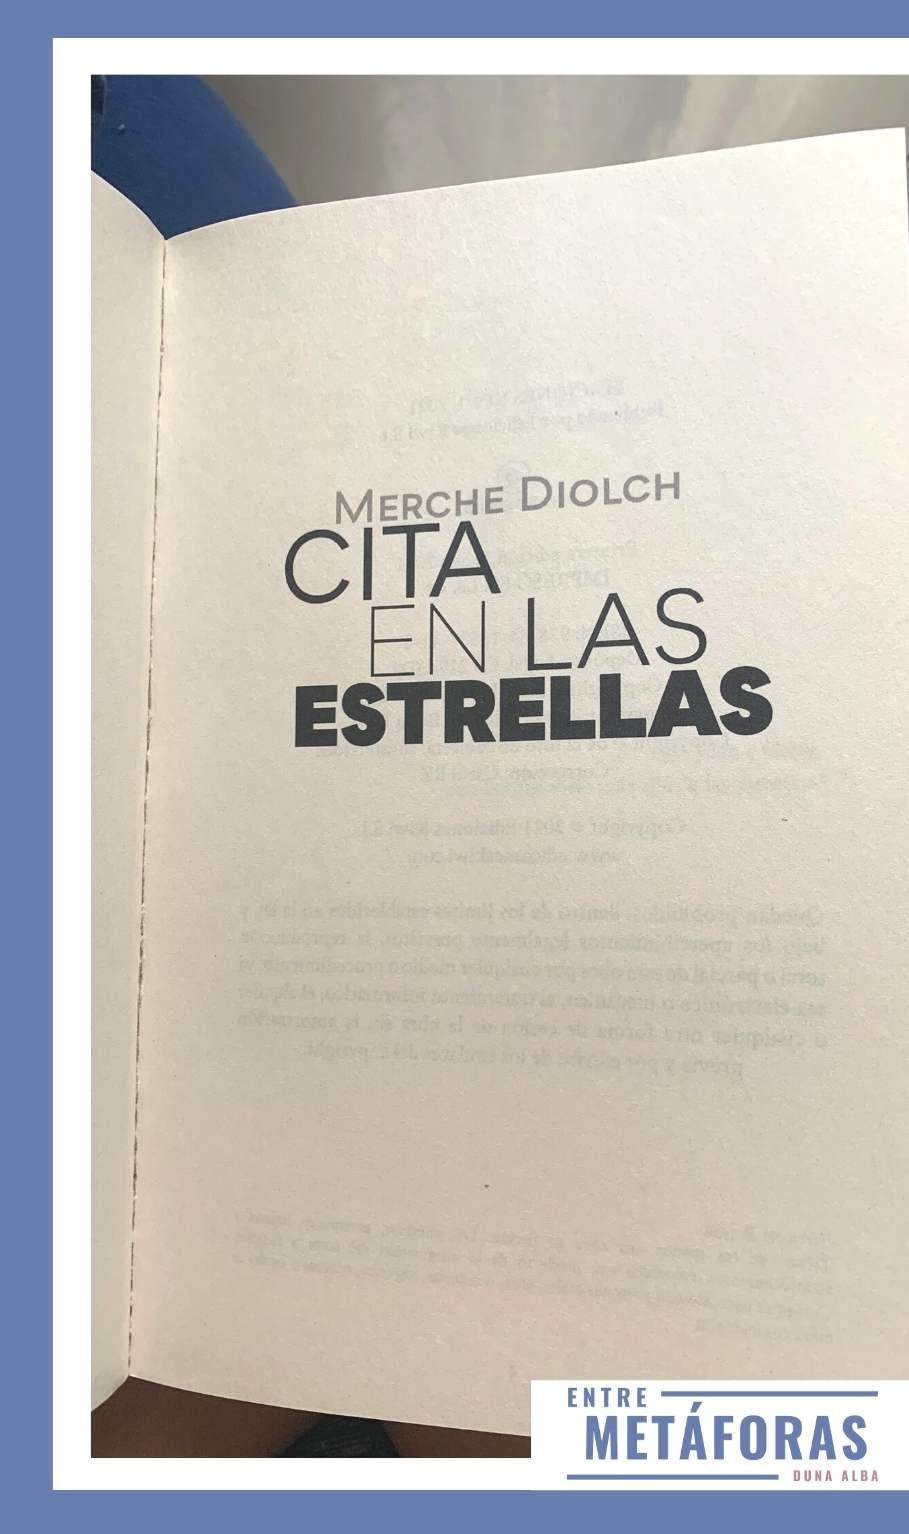 Cita en las estrellas, de Merche Diolch